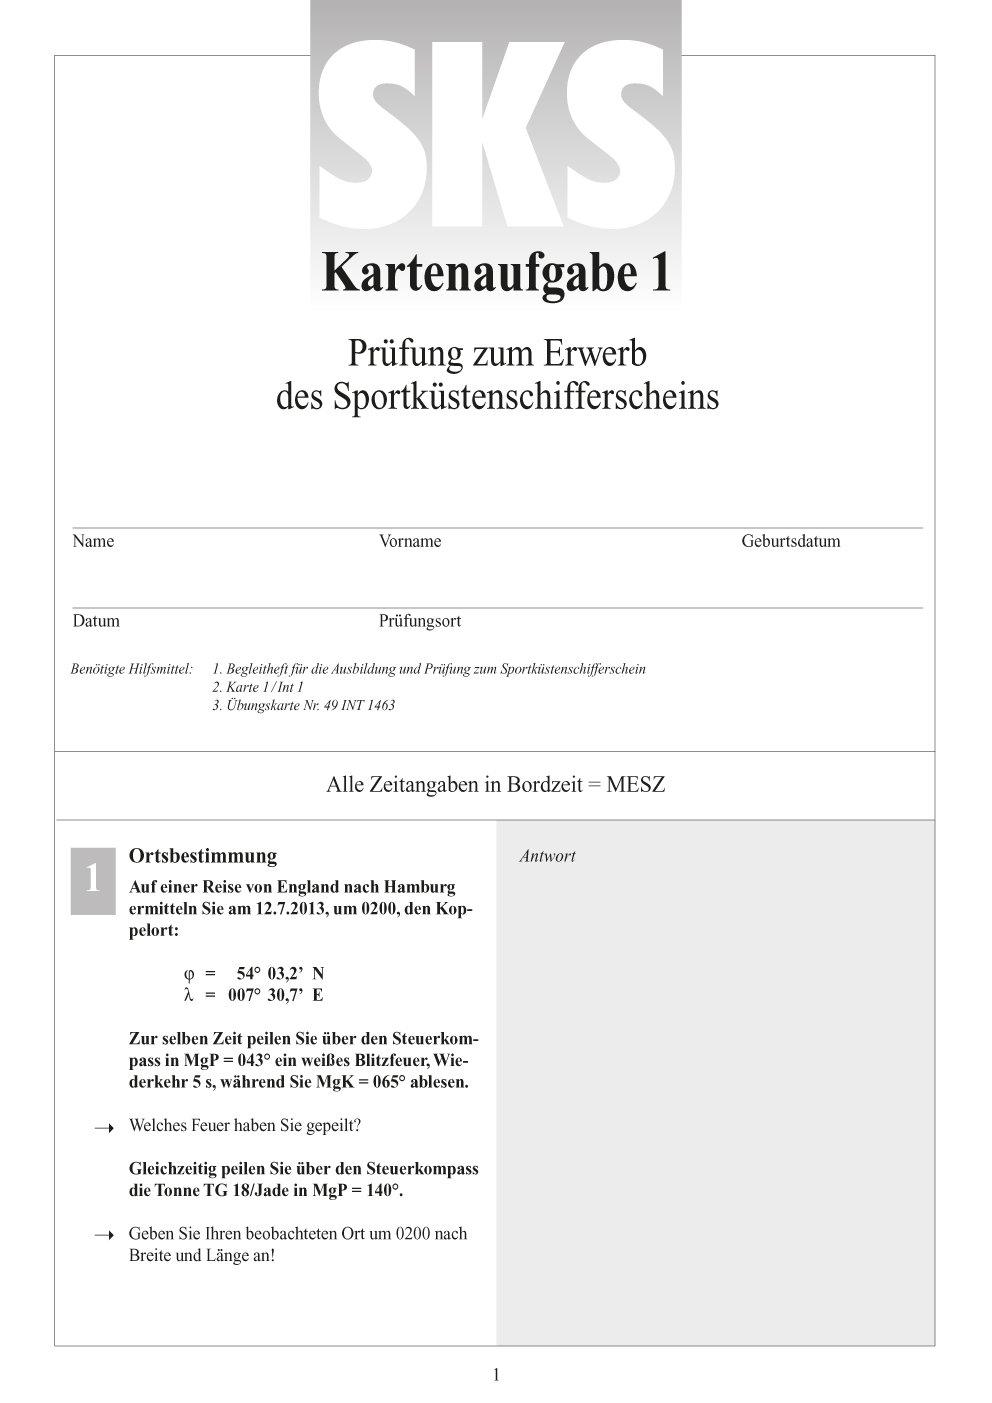 Sportküsten Schifferschein Fragebogen mit Antworten & Gezeitenaufgaben Karten